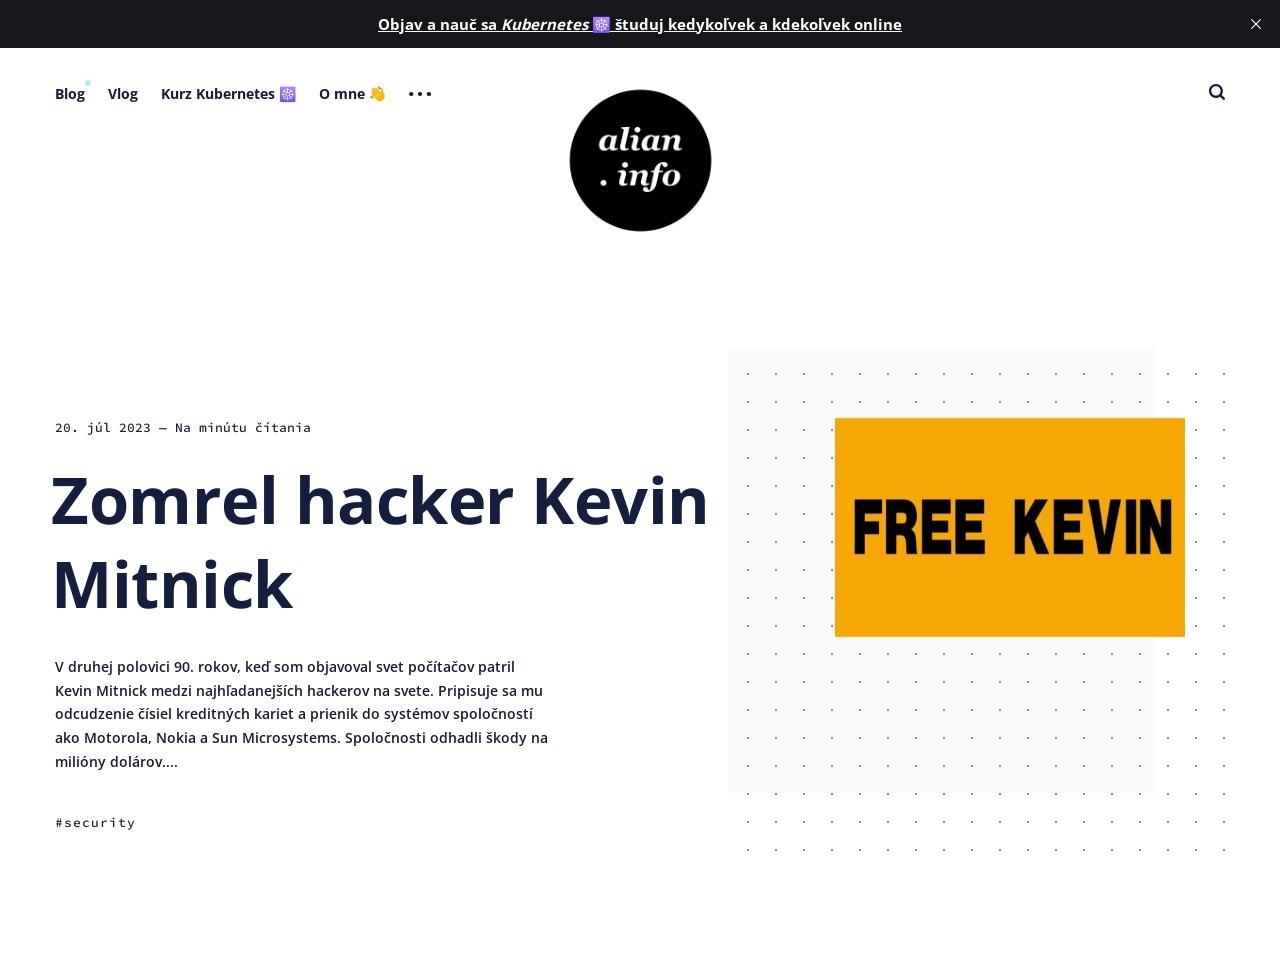 alian.info